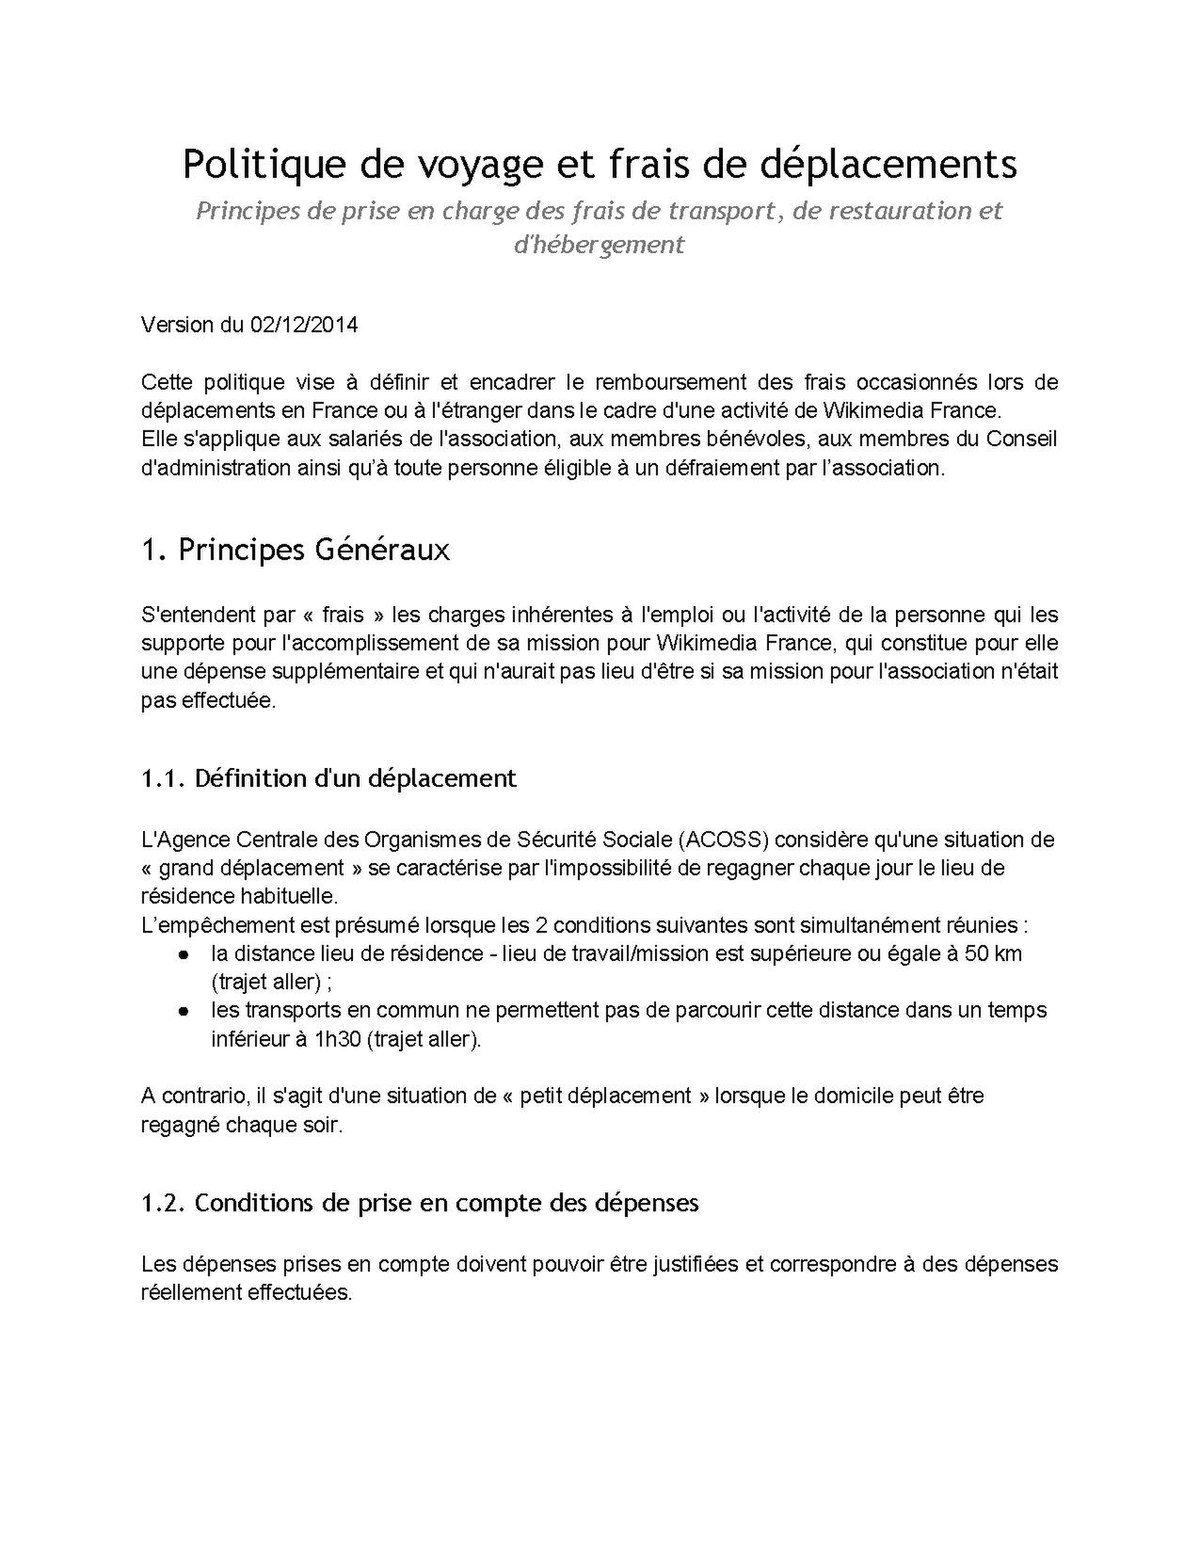 Wikimédia France Documents Politique De Frais De